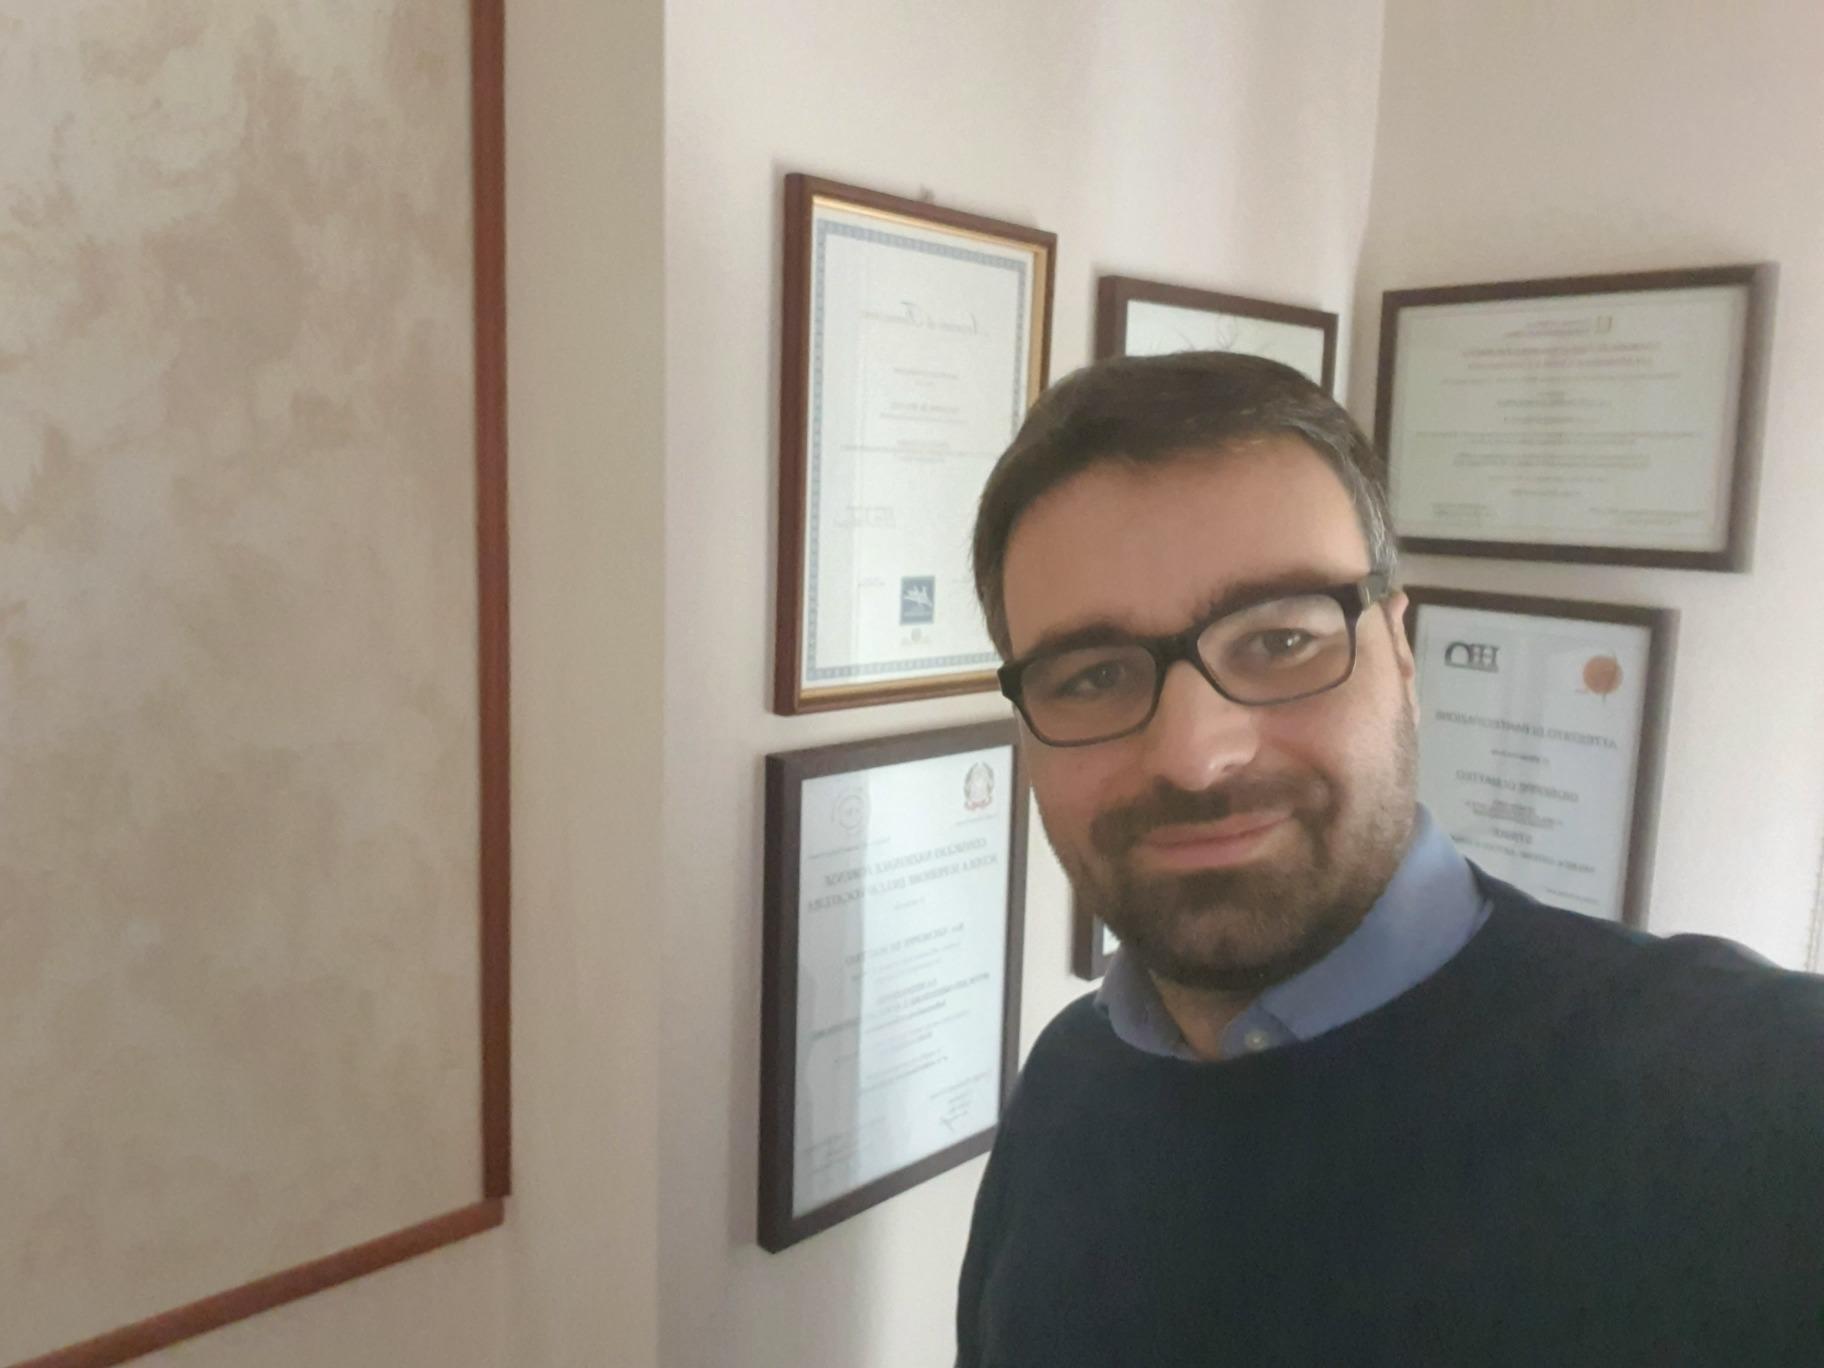 IMPORTANTE SENTENZA DELLA CORTE D'APPELLO DI PERUGIA CONDANNA BANCA DI PRIMO PIANO PER IL CASO